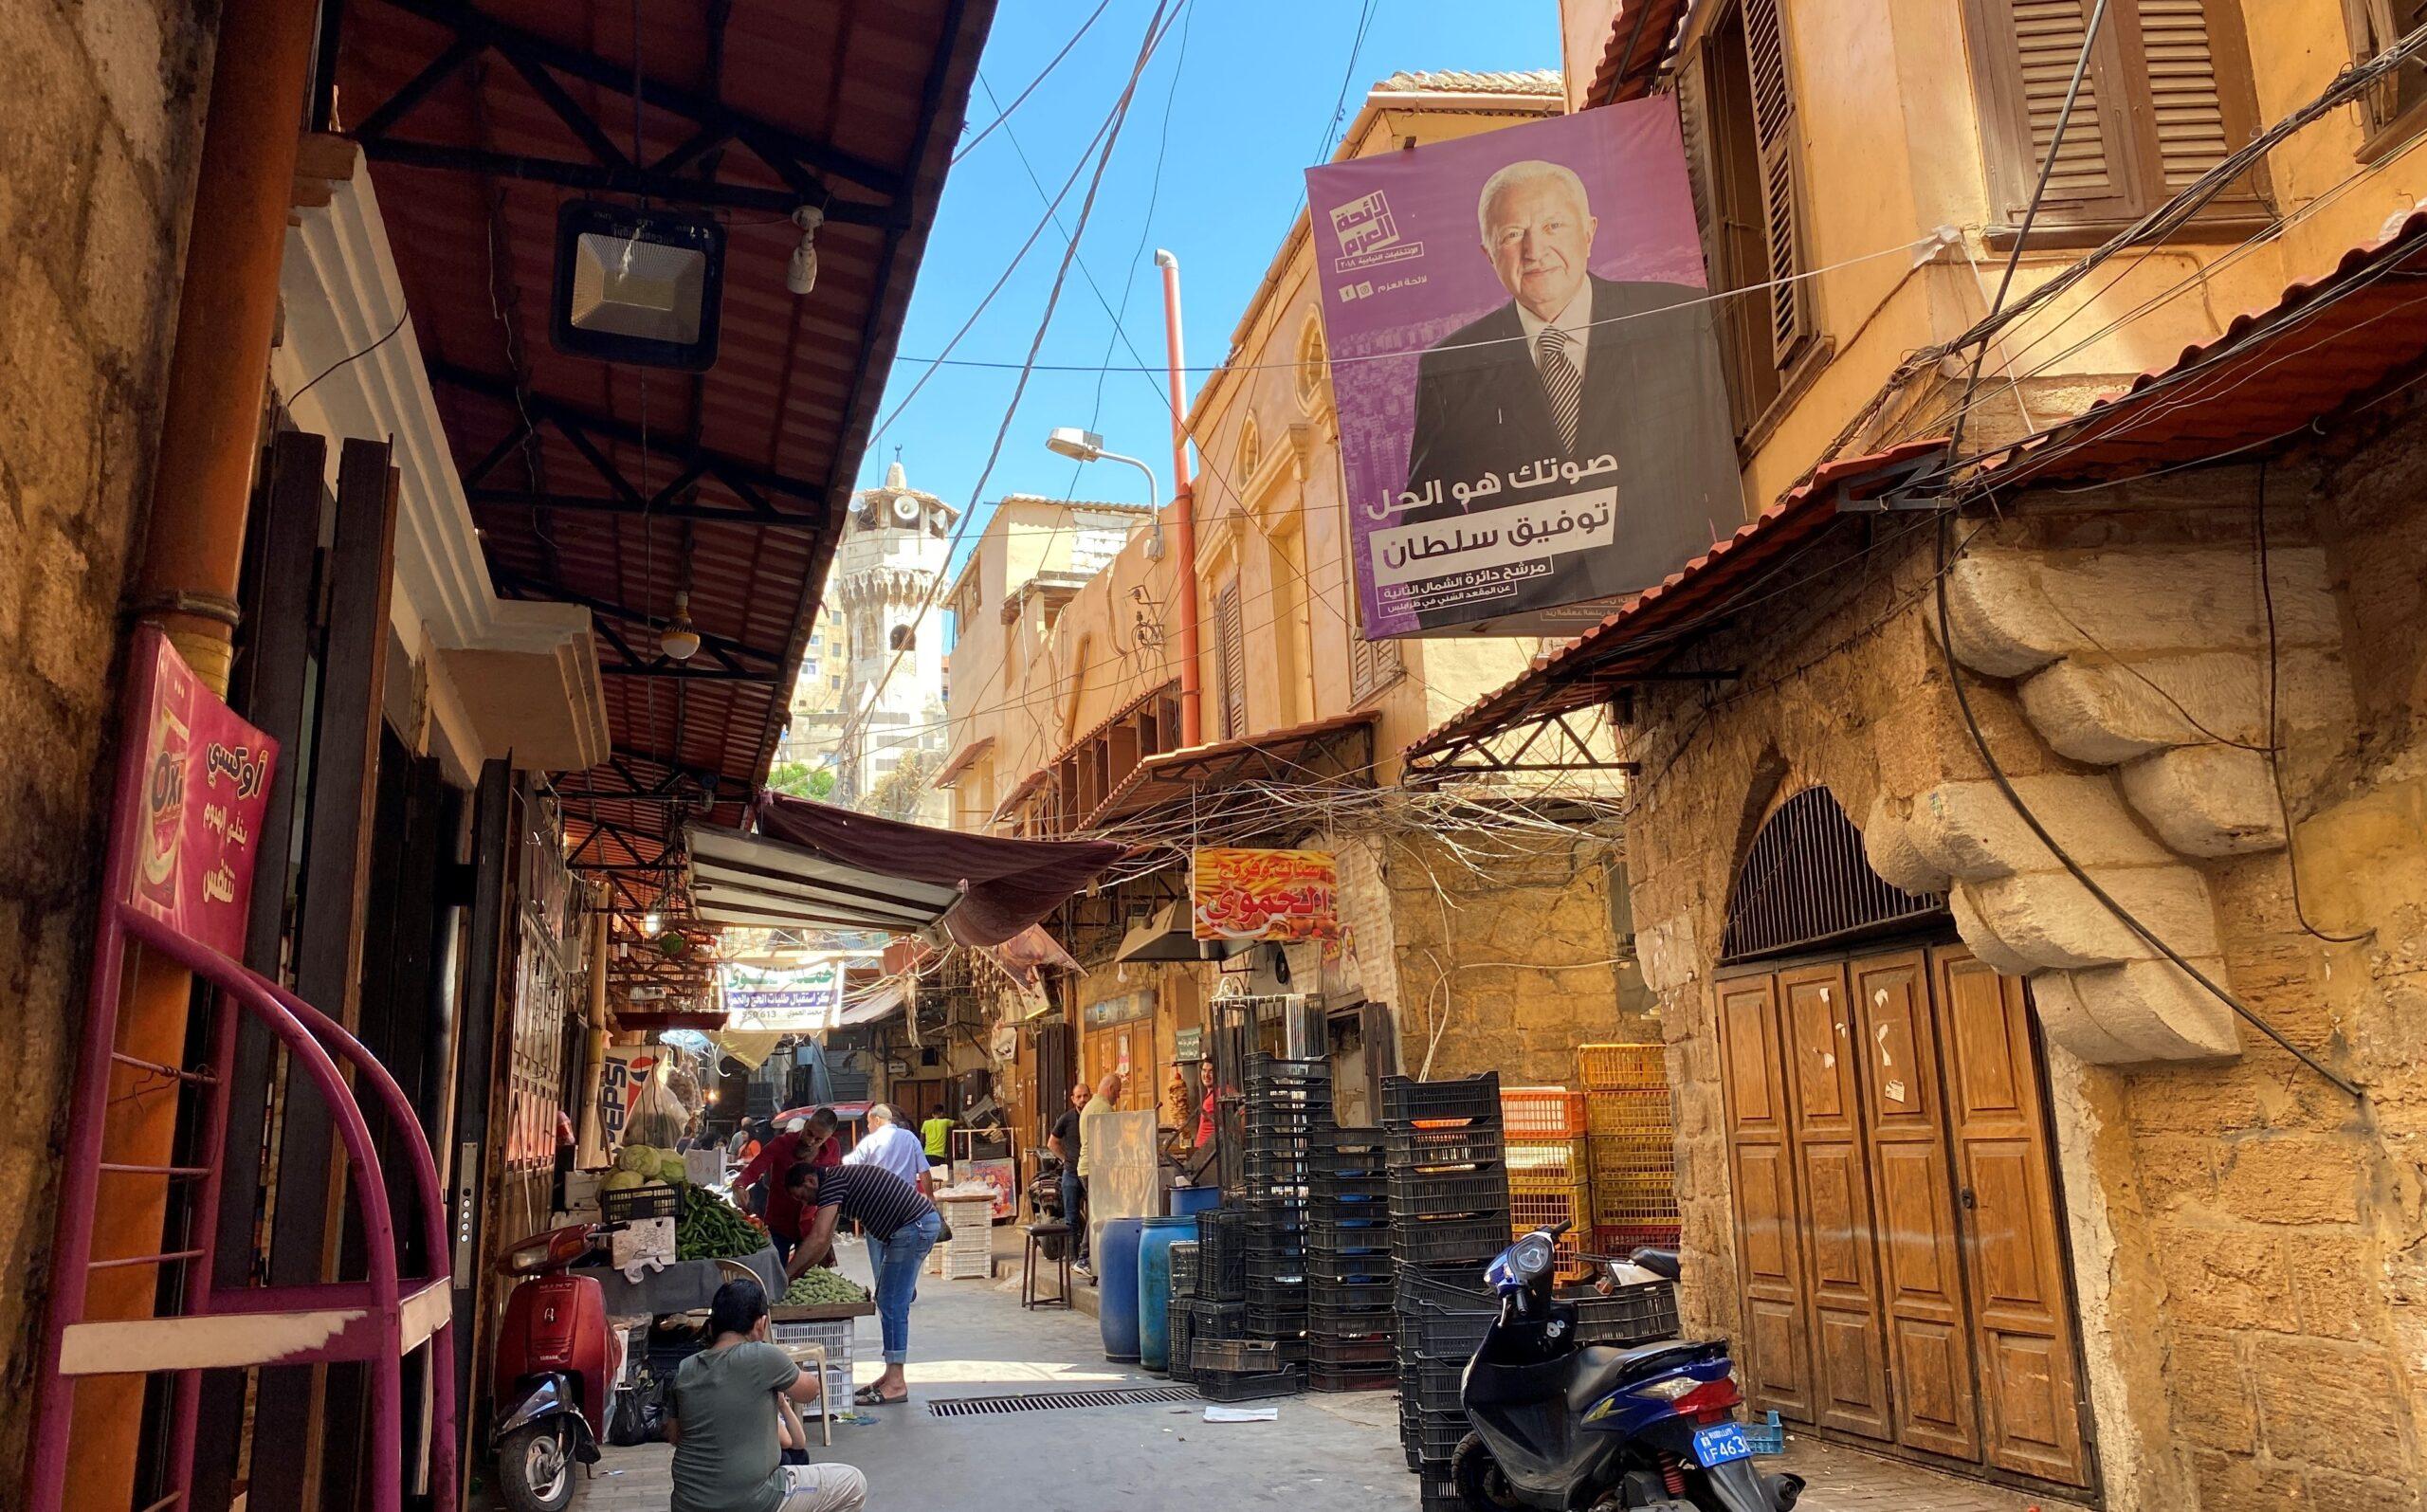 نظام طرابلس الزبائني في زمن كورونا: مختبر ينبئ بمستقبل النظام السياسي في لبنان؟